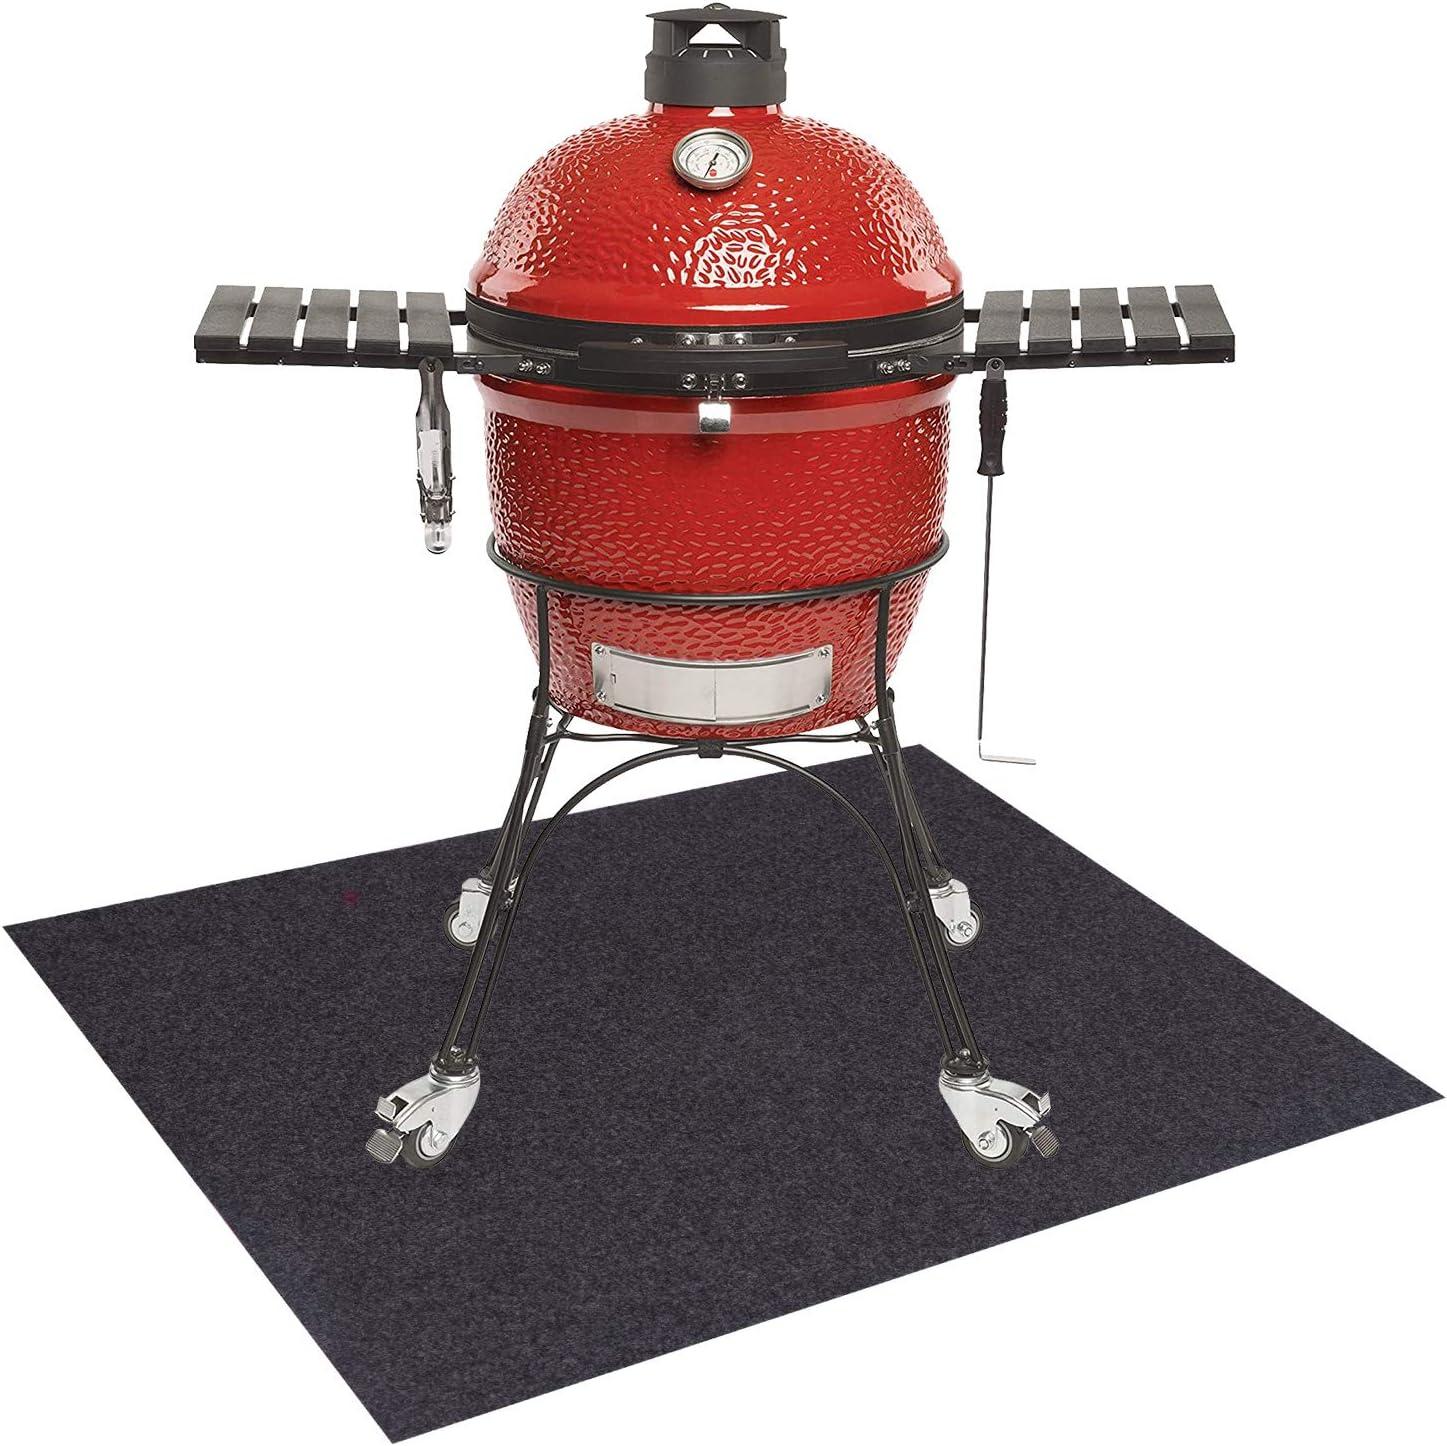 Amazon Com Uterstyle Bbq Floor Protective Rug Anti Stain Fireproof Heat Resistant Grill Splatter Mat Pad For Backyard Outdoor Deck Patio Garden Outdoor